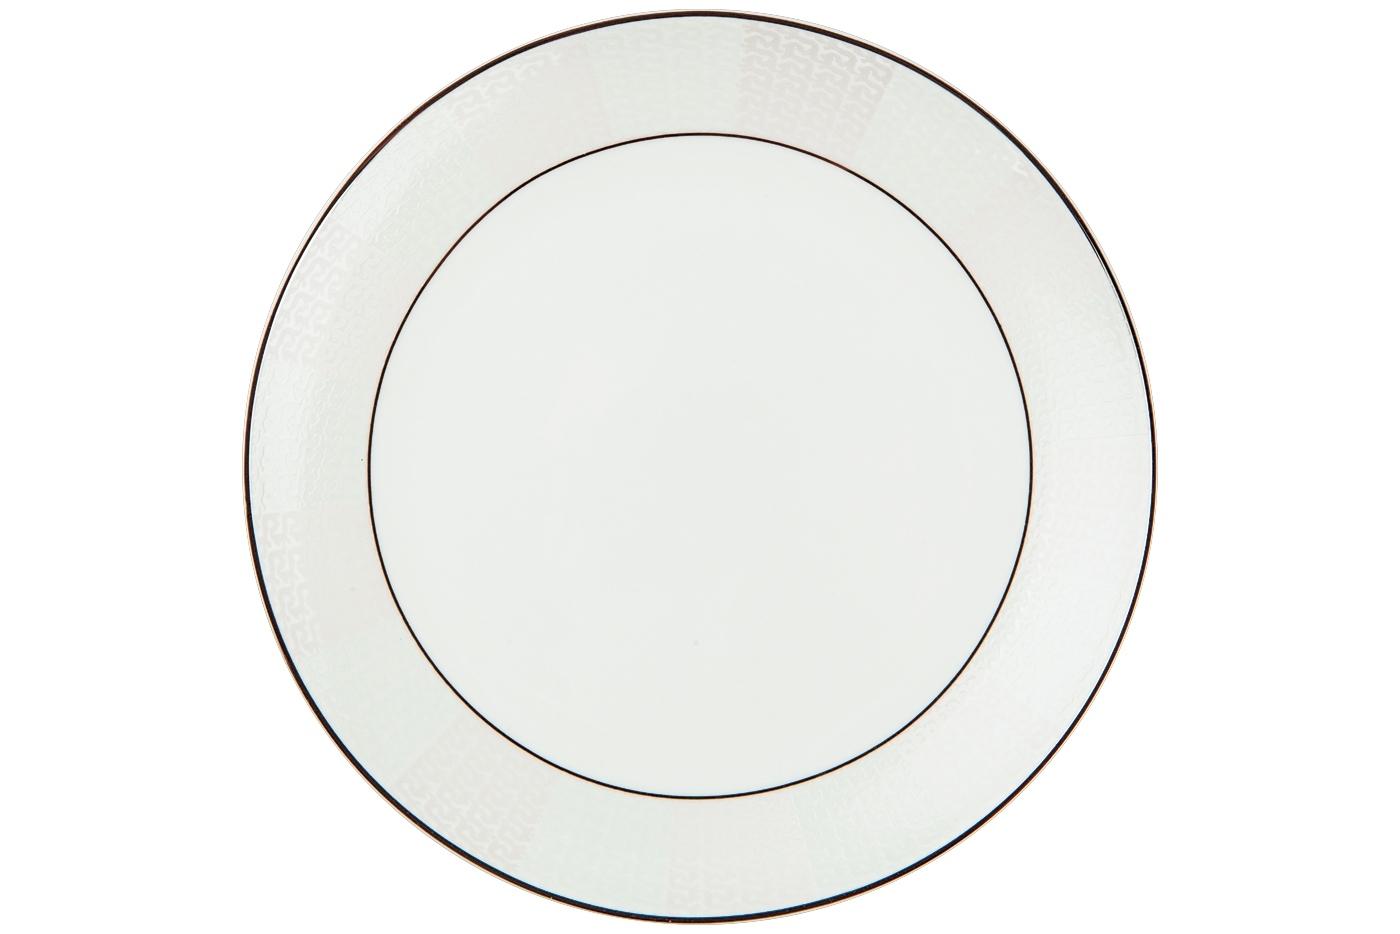 Набор из 6 тарелок Royal Aurel Кружево (20см) арт.511Наборы тарелок<br>Набор из 6 тарелок Royal Aurel Кружево (20см) арт.511<br>Производить посуду из фарфора начали в Китае на стыке 6-7 веков. Неустанно совершенствуя и селективно отбирая сырье для производства посуды из фарфора, мастерам удалось добиться выдающихся характеристик фарфора: белизны и тонкостенности. В XV веке появился особый интерес к китайской фарфоровой посуде, так как в это время Европе возникла мода на самобытные китайские вещи. Роскошный китайский фарфор являлся изыском и был в новинку, поэтому он выступал в качестве подарка королям, а также знатным людям. Такой дорогой подарок был очень престижен и по праву являлся элитной посудой. Как известно из многочисленных исторических документов, в Европе китайские изделия из фарфора ценились практически как золото. <br>Проверка изделий из костяного фарфора на подлинность <br>По сравнению с производством других видов фарфора процесс производства изделий из настоящего костяного фарфора сложен и весьма длителен. Посуда из изящного фарфора - это элитная посуда, которая всегда ассоциируется с богатством, величием и благородством. Несмотря на небольшую толщину, фарфоровая посуда - это очень прочное изделие. Для демонстрации плотности и прочности фарфора можно легко коснуться предметов посуды из фарфора деревянной палочкой, и тогда мы услушим характерный металлический звон. В составе фарфоровой посуды присутствует костяная зола, благодаря чему она может быть намного тоньше (не более 2,5 мм) и легче твердого или мягкого фарфора. Безупречная белизна - ключевой признак отличия такого фарфора от других. Цвет обычного фарфора сероватый или ближе к голубоватому, а костяной фарфор будет всегда будет молочно-белого цвета. Характерная и немаловажная деталь - это невесомая прозрачность изделий из фарфора такая, что сквозь него проходит свет.<br>